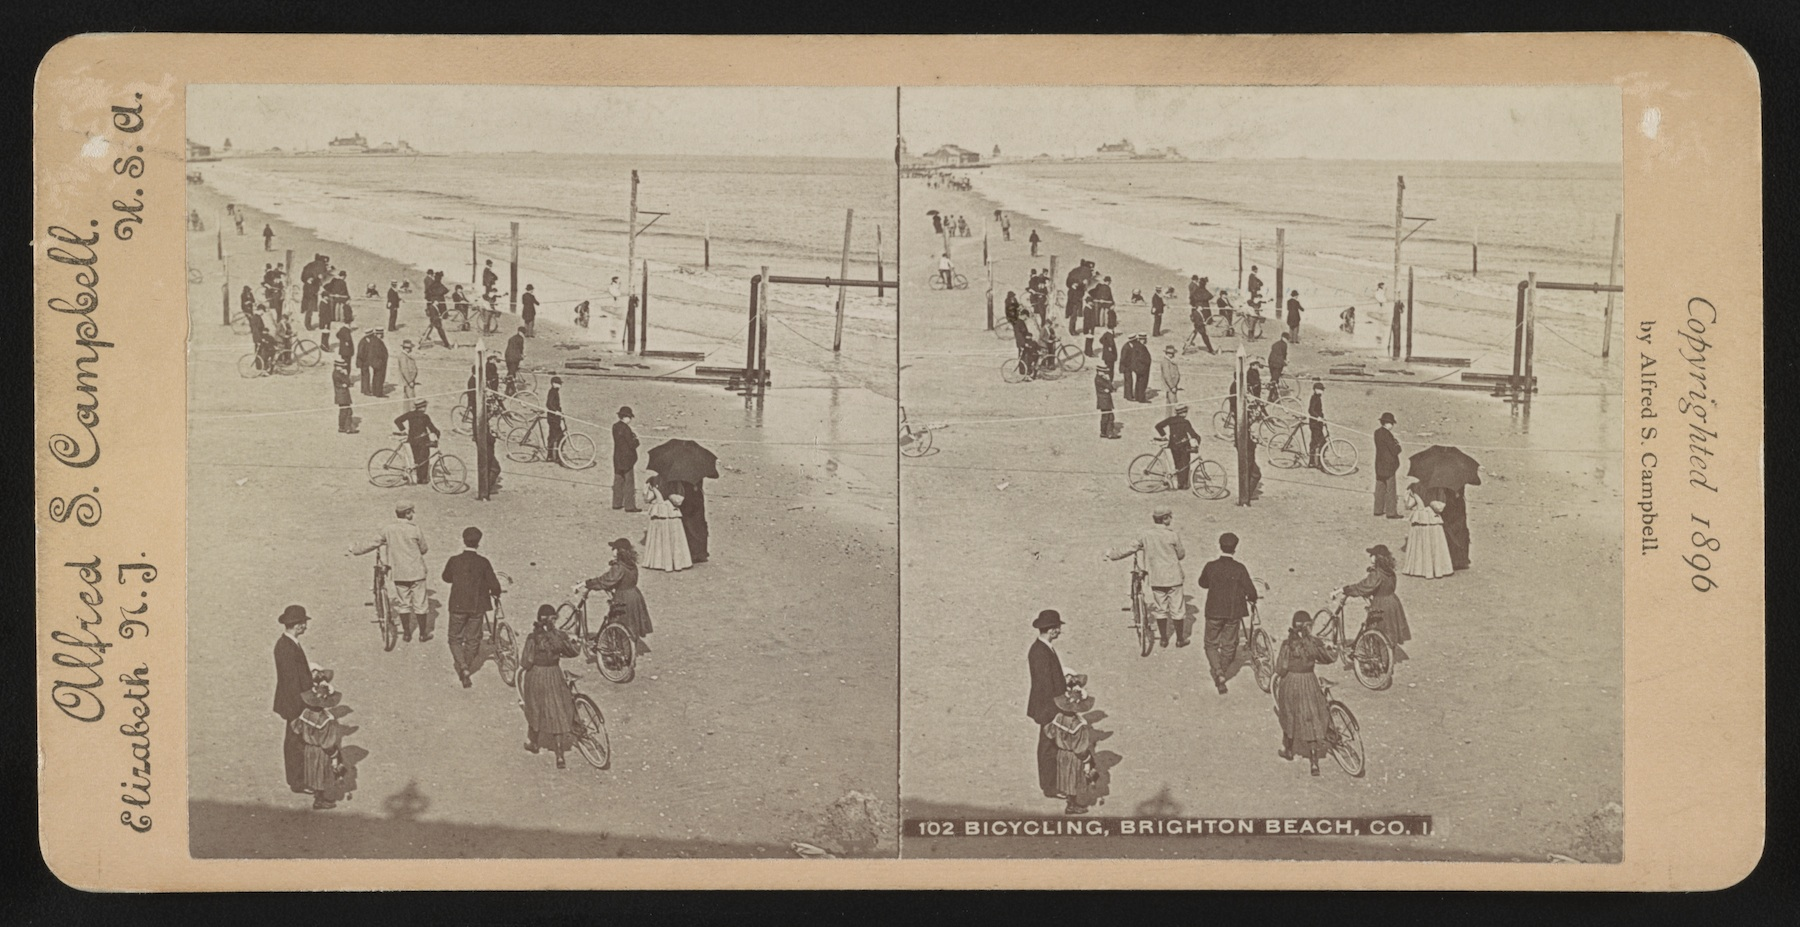 Brighton Beach bikes 1896.jpg